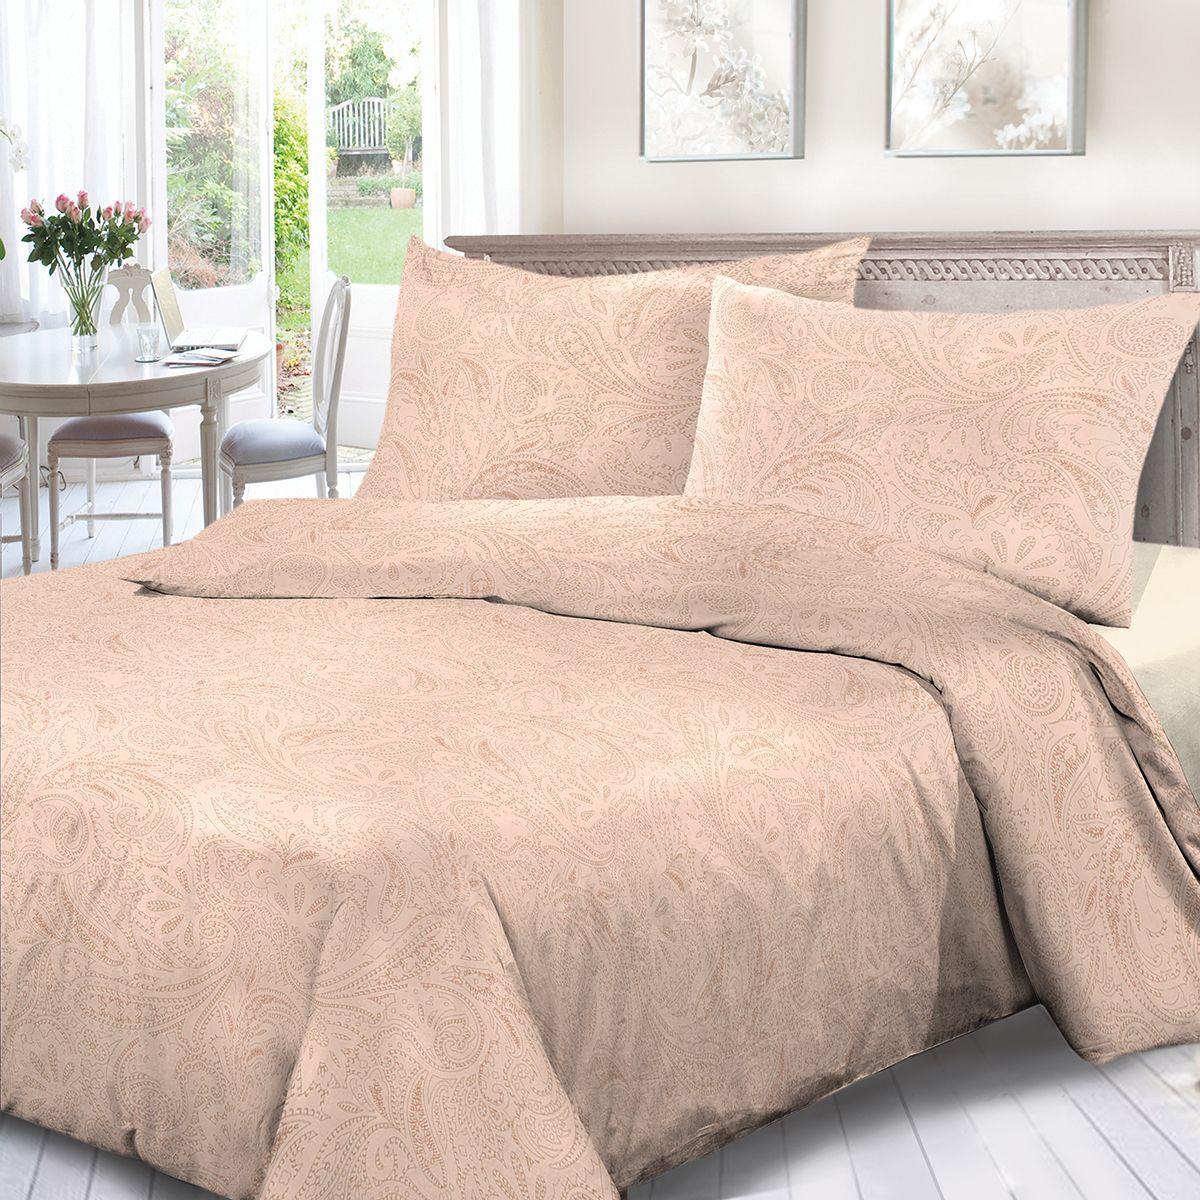 Комплект белья Сорренто Ариэль, 2-х спальное, наволочки 70x70, цвет: бежевый. 4114-289103